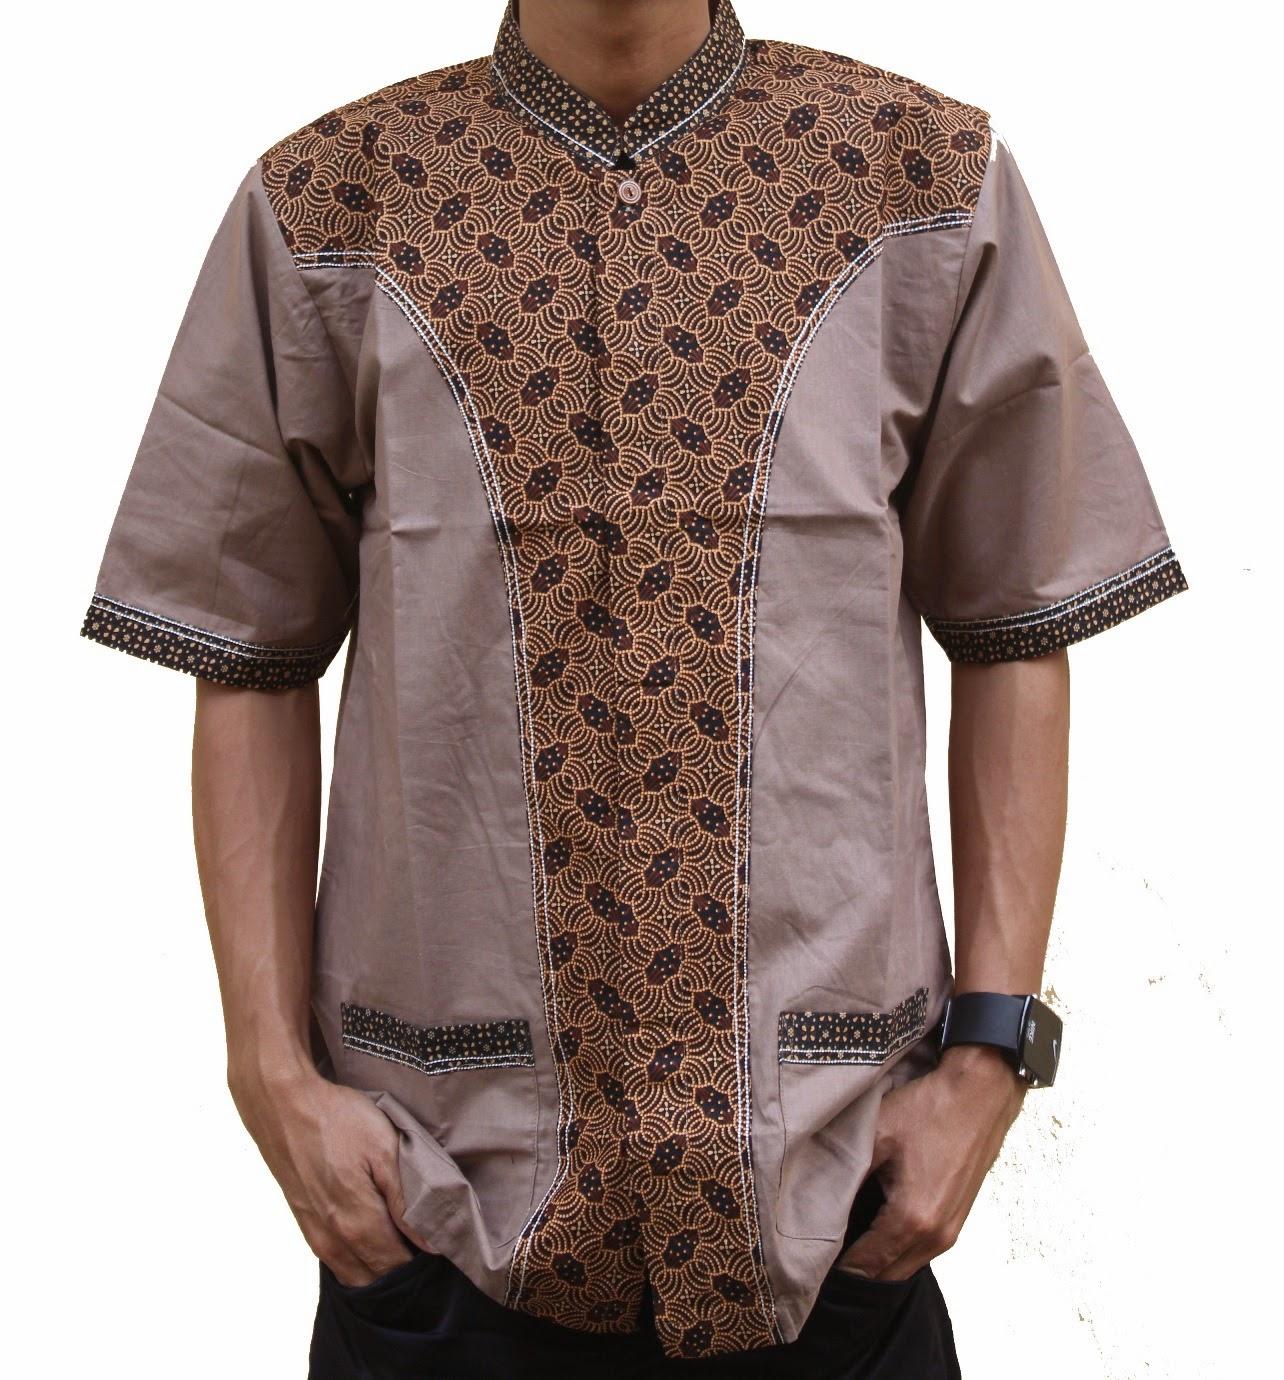 Baju koko elegan bermotif batik modern